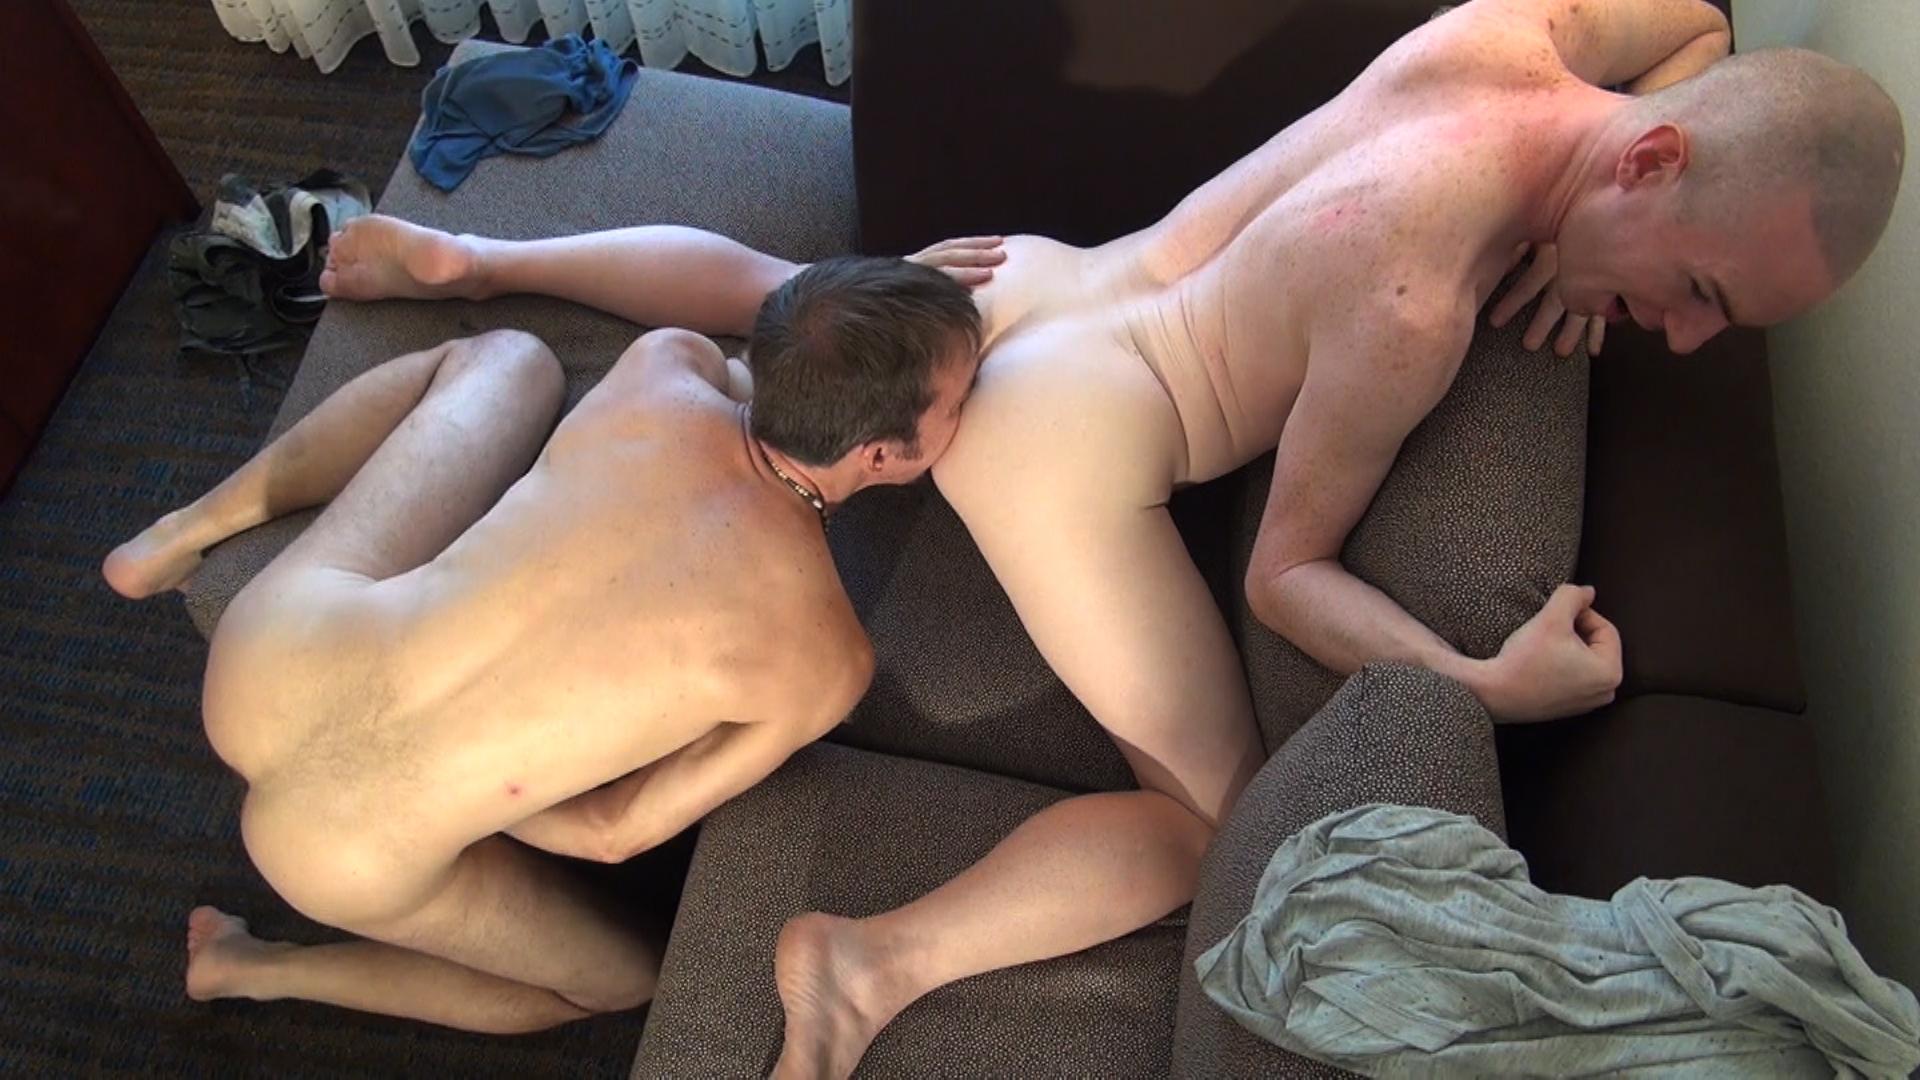 Buddy Gay Videos 39